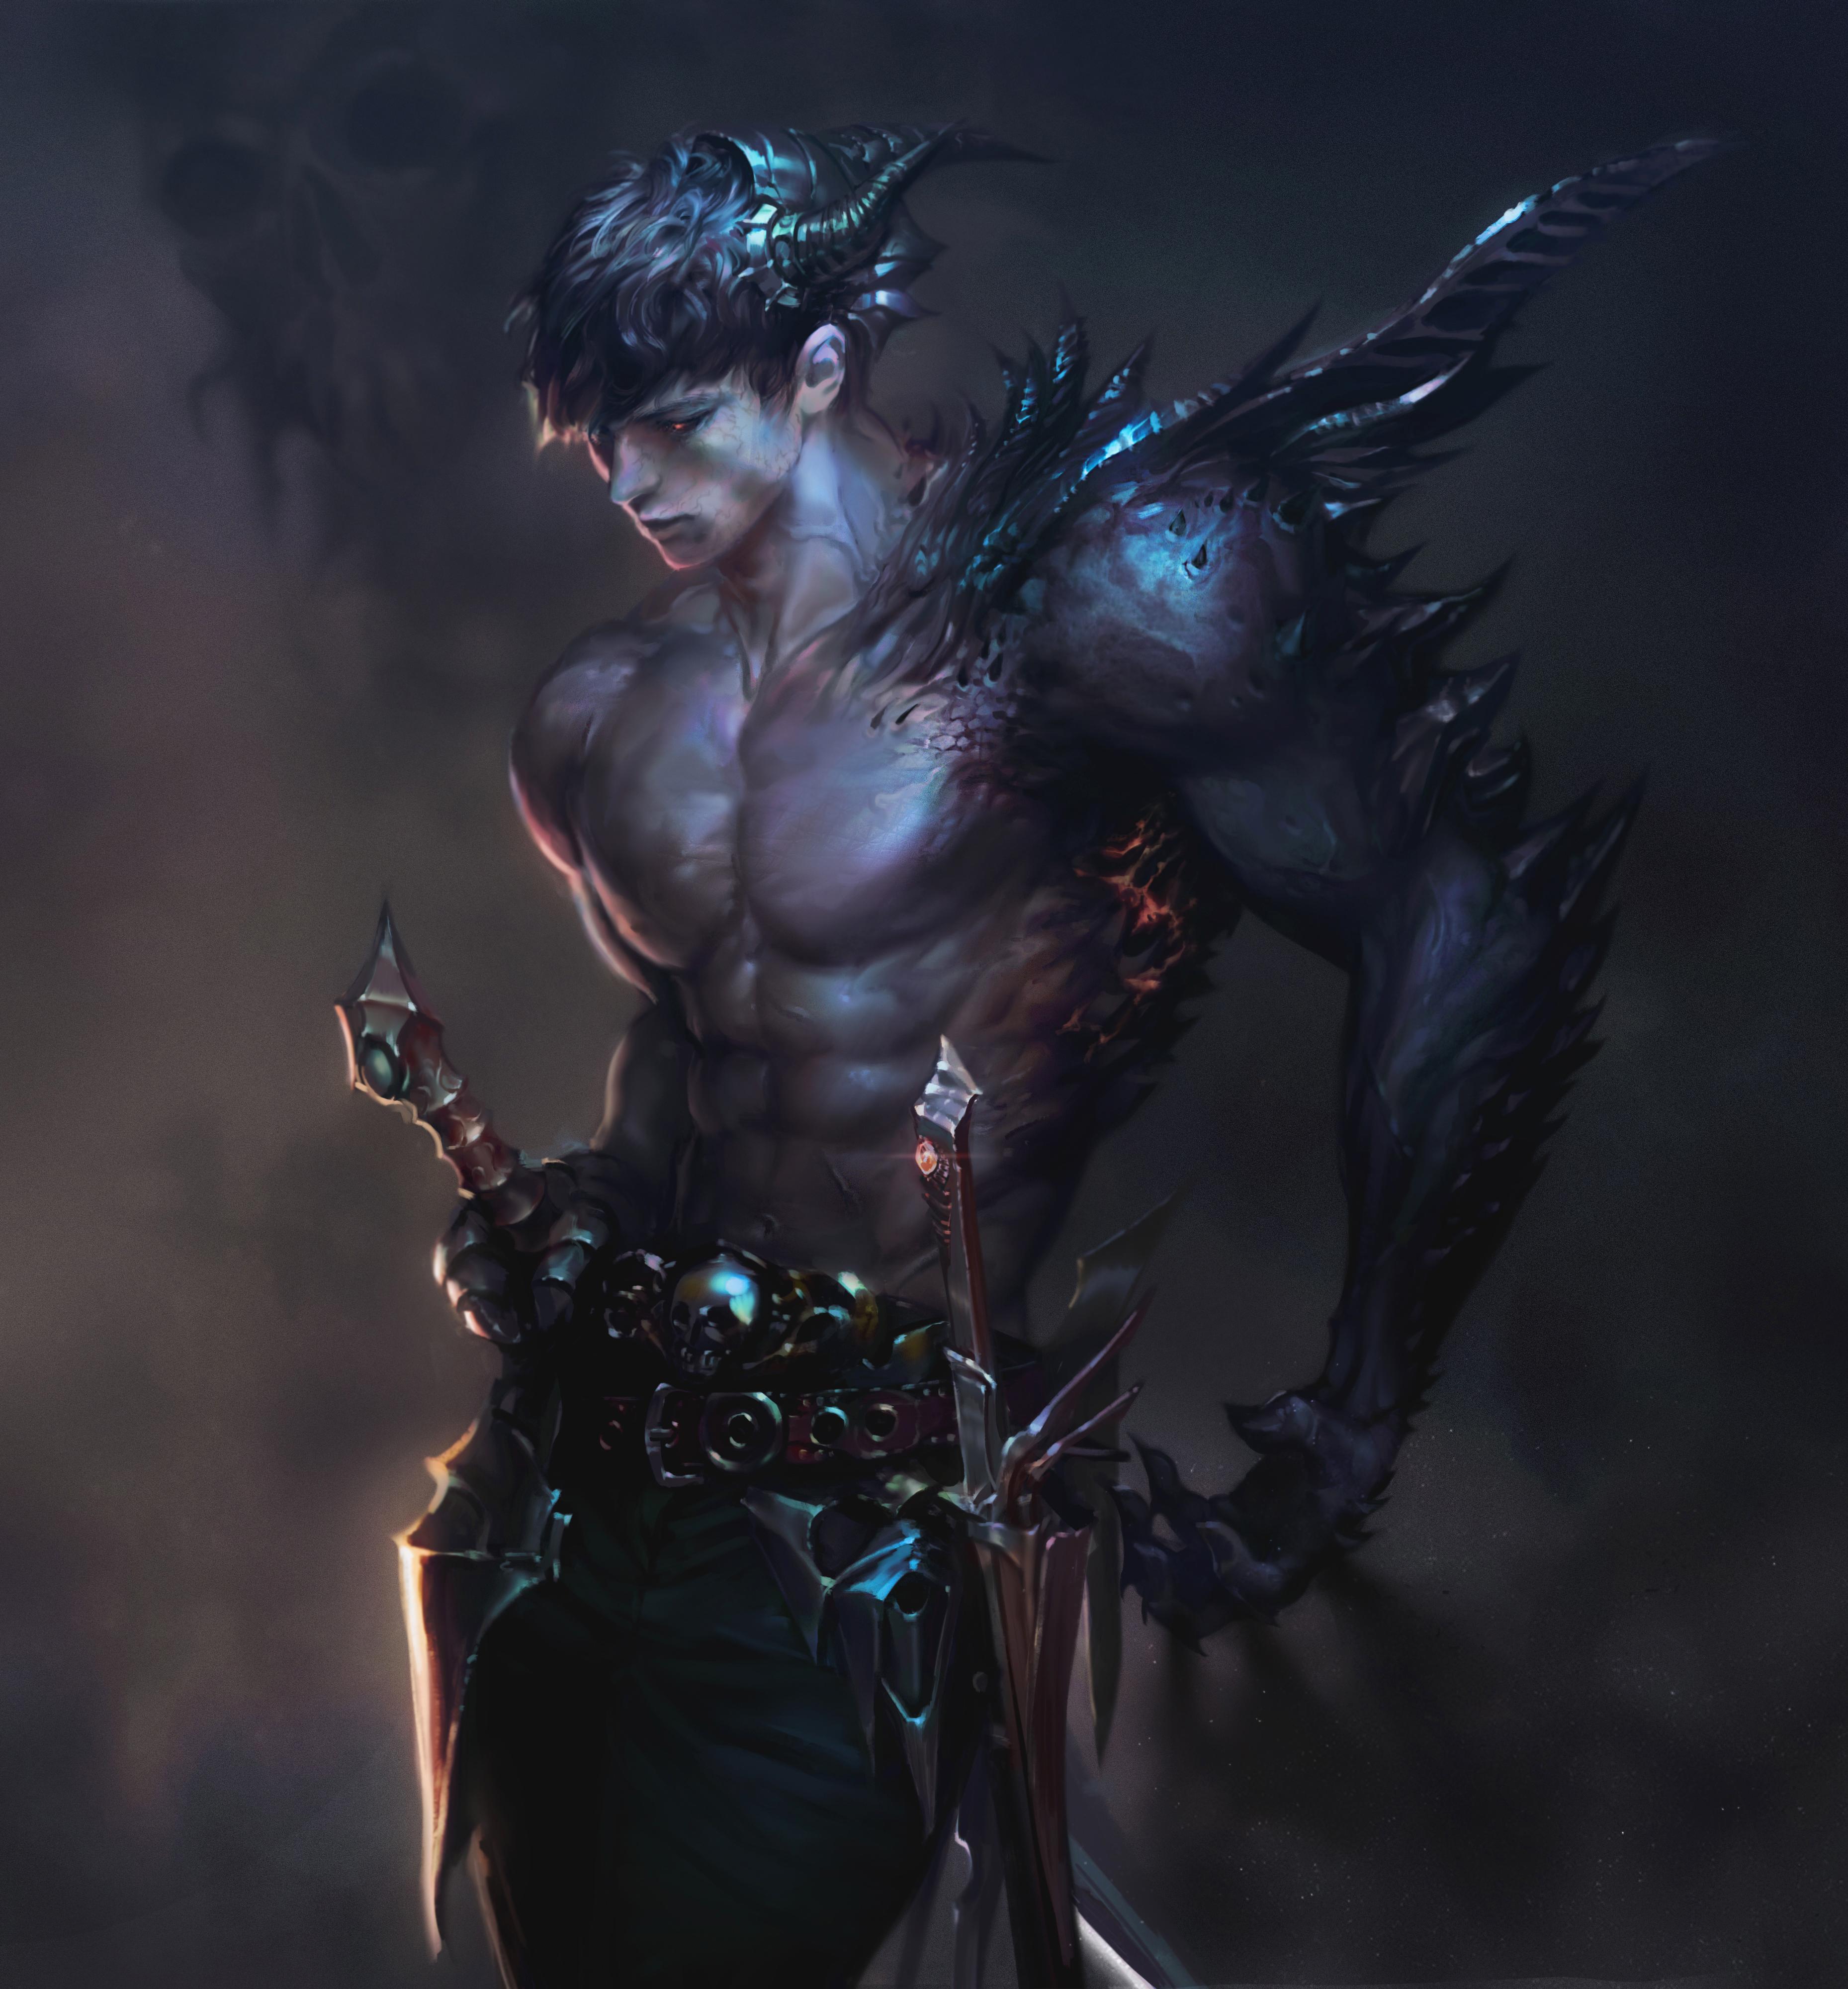 demon_worrior_by_kalmajh-d8s48bu.jpg